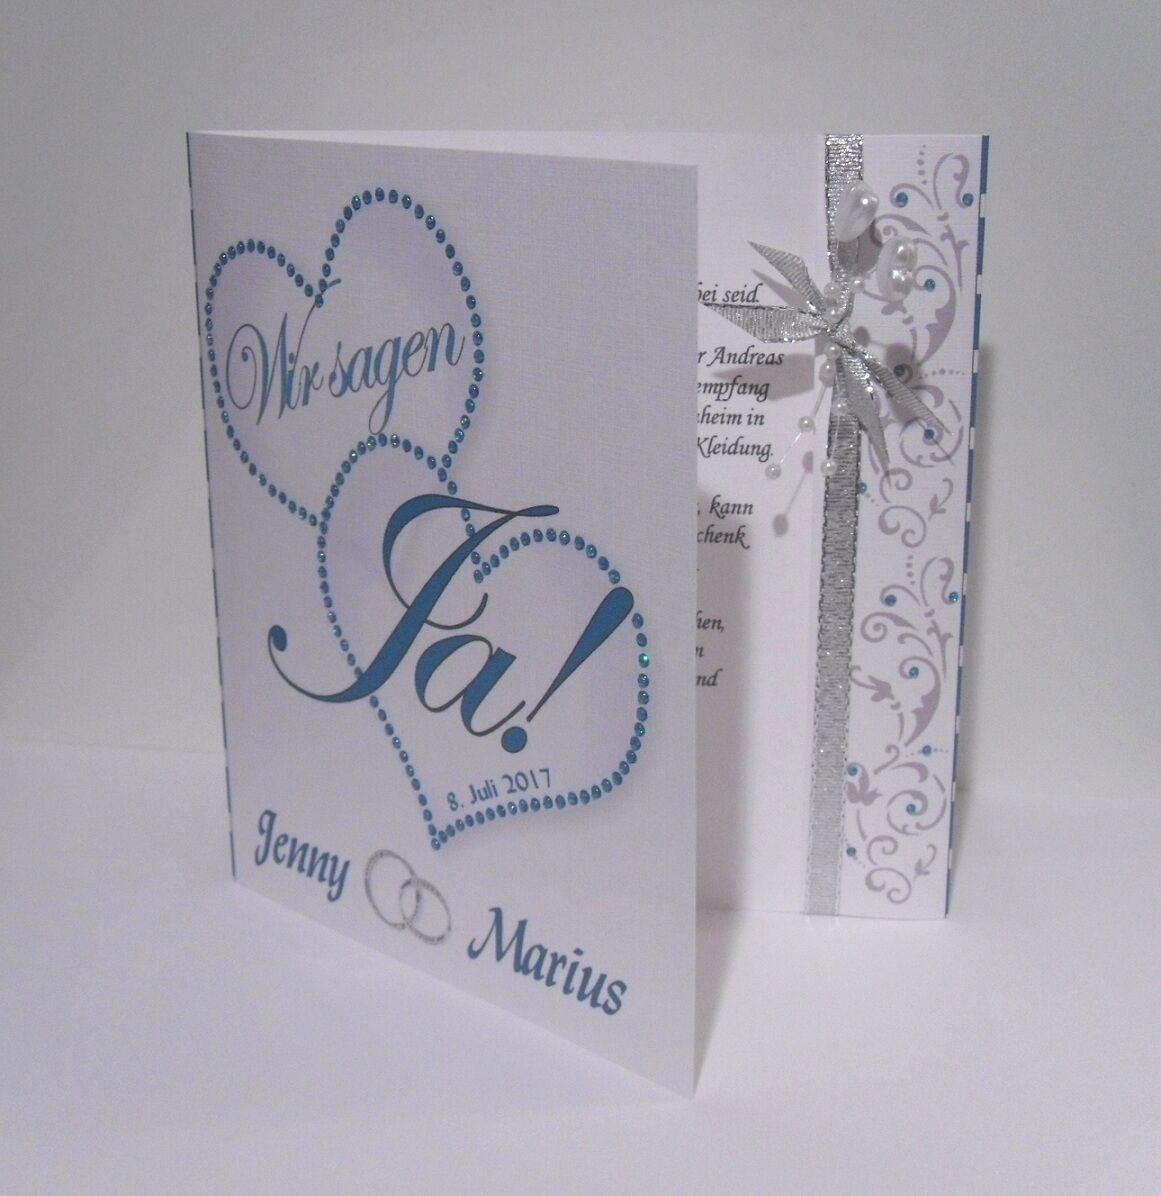 Einladungskarten zur Hochzeit weiß-türkis, Einladung, Einladungskarte   Online Shop Europe    Sehr gute Farbe